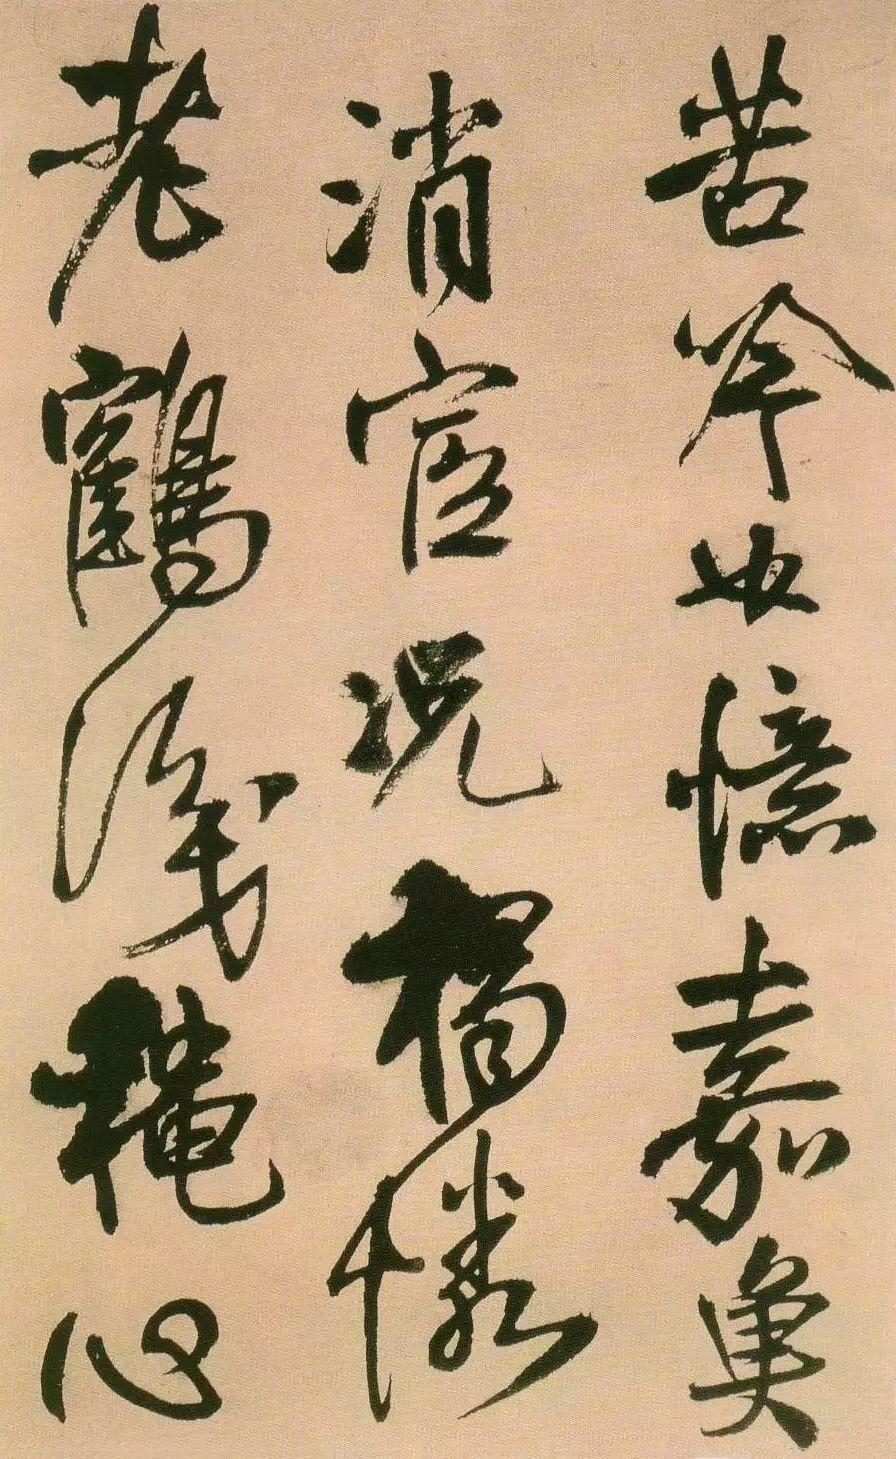 书法欣赏王铎行草,写字如仙境